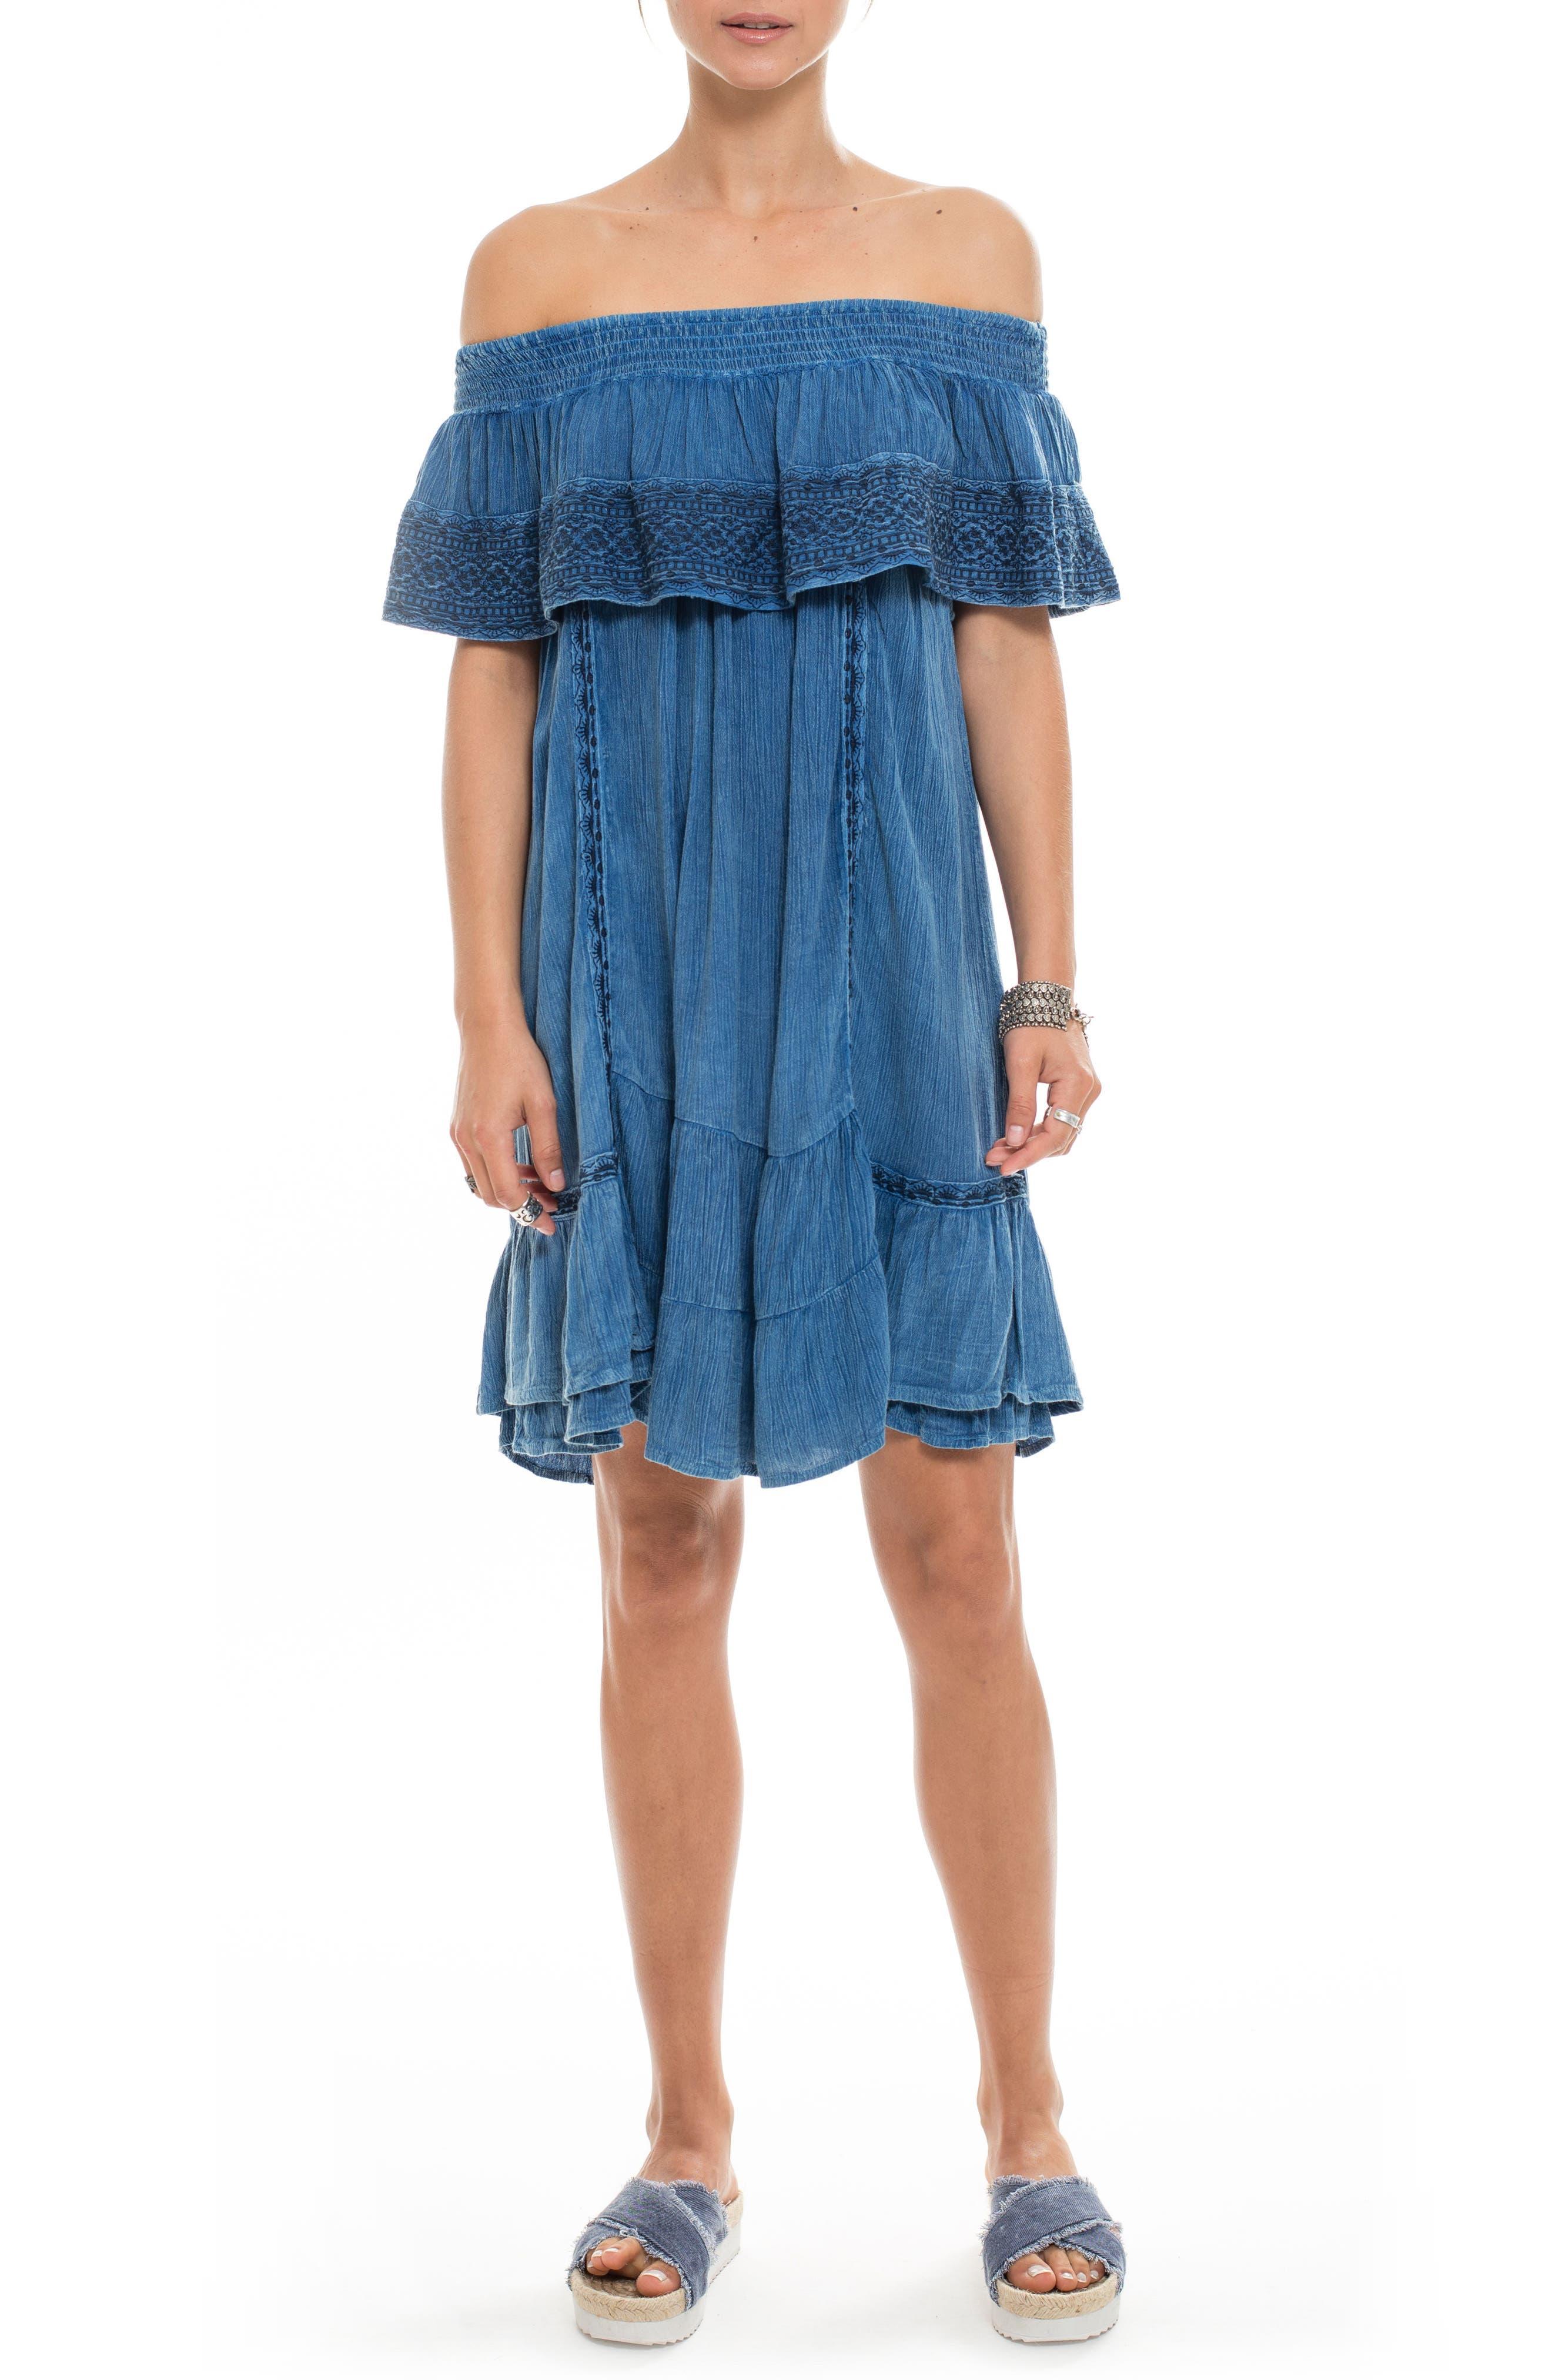 Alternate Image 1 Selected - Muche et Muchette Gavin Ruffle Cover-Up Dress